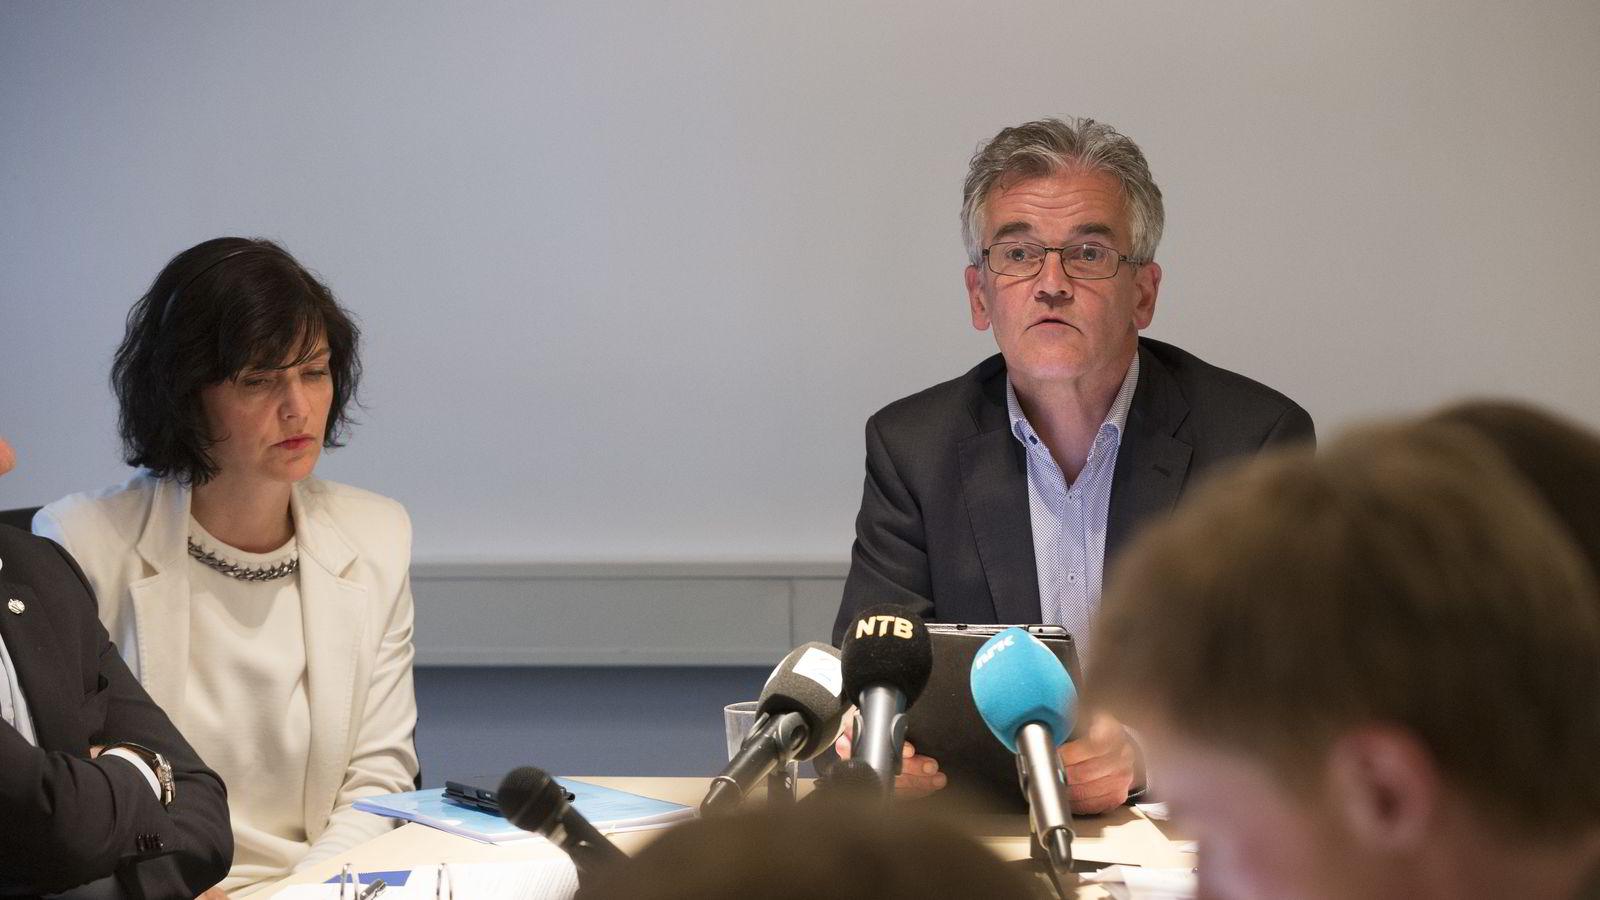 Generalsekretær Kjersti Løken Stavrum i Norsk Presseforbund og PF-leder Alf Bjarne Johnsen fotografert under en pressekonferanse i 2015. Arkivfoto: Terje Bendiksby /